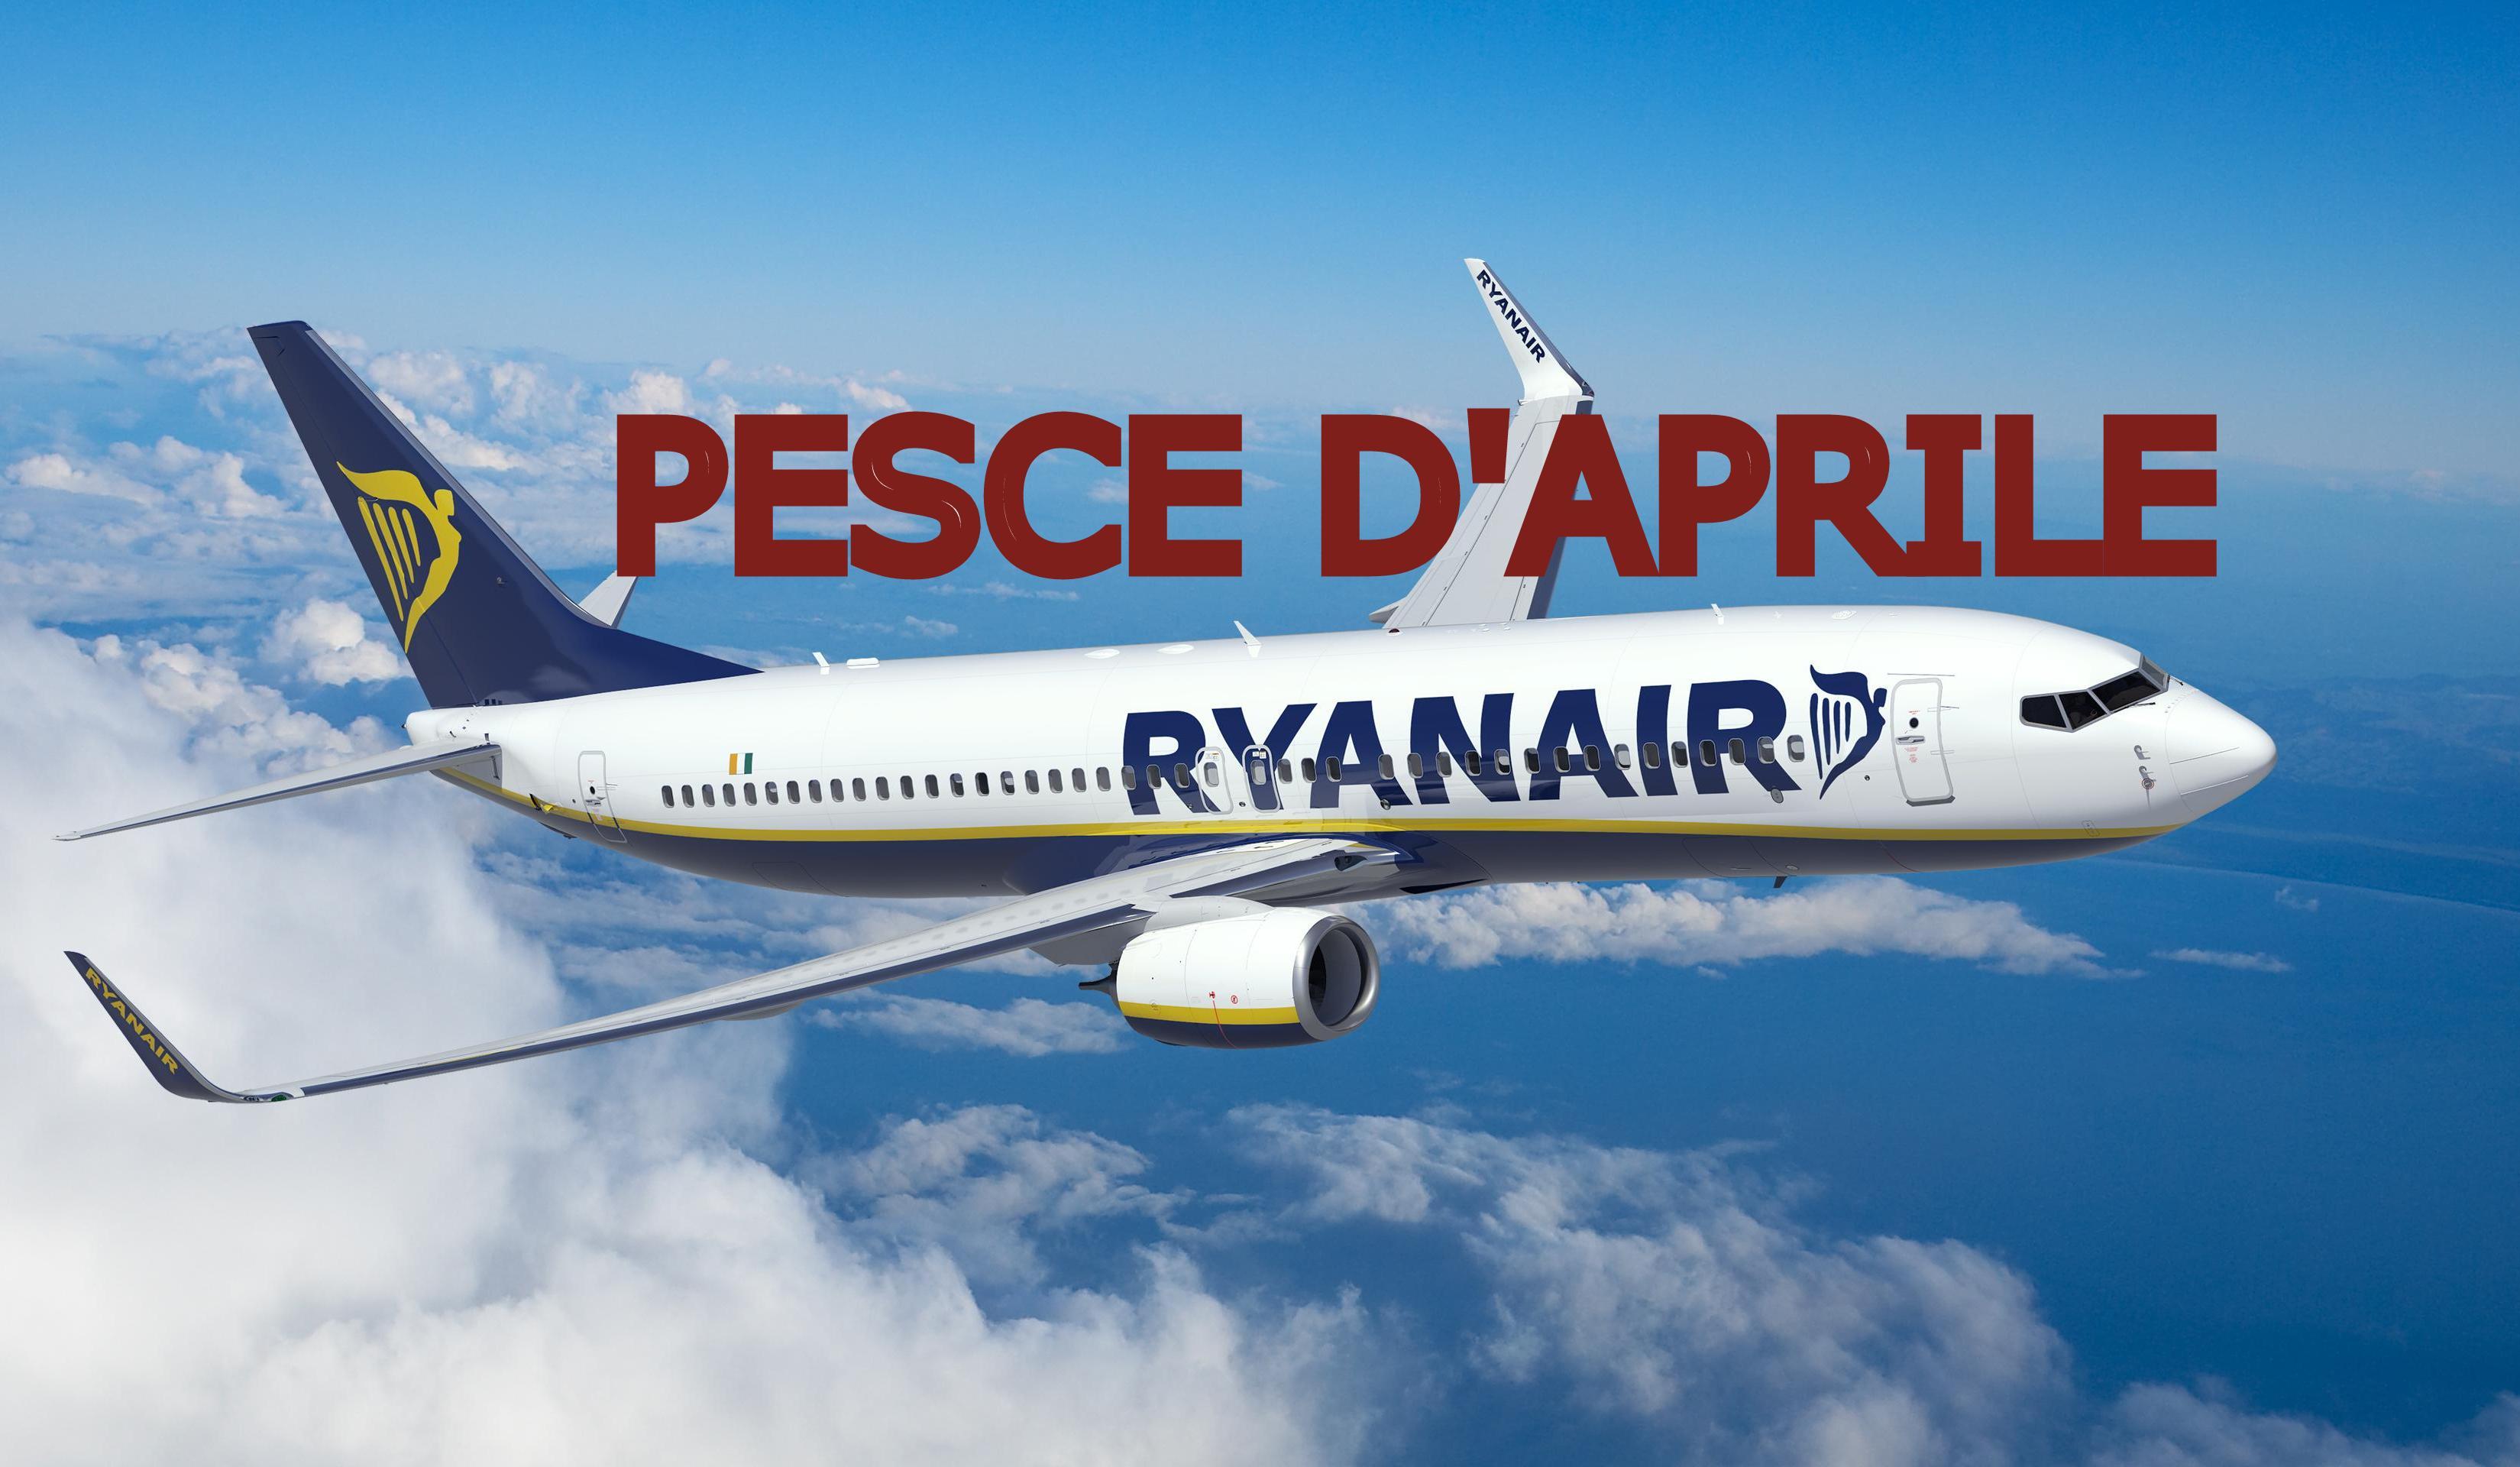 Ryanair pesce d'aprile